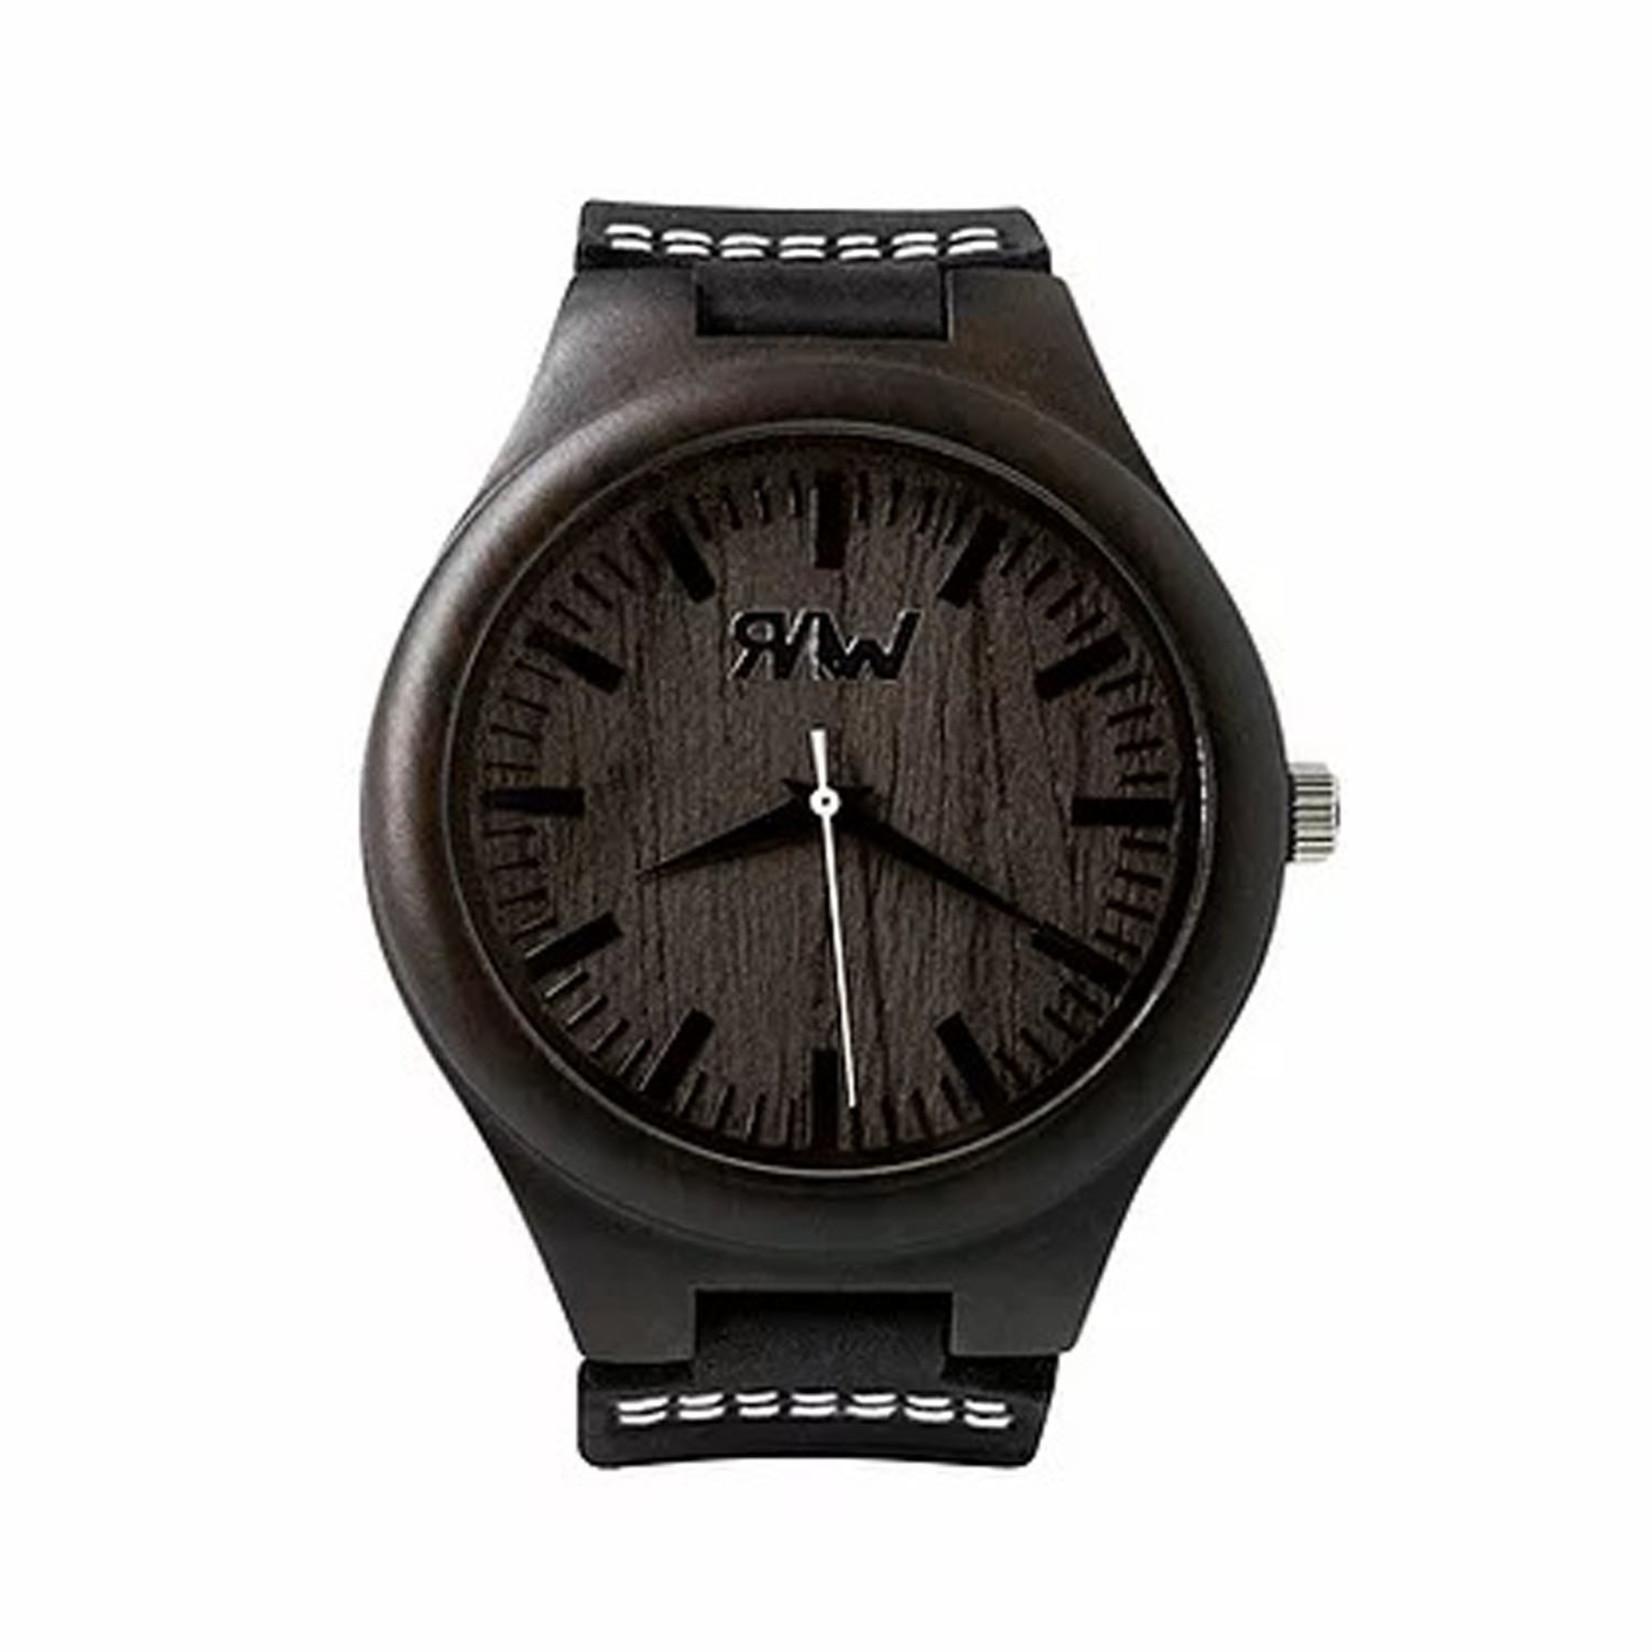 Raw Watches Yin Yang Watch